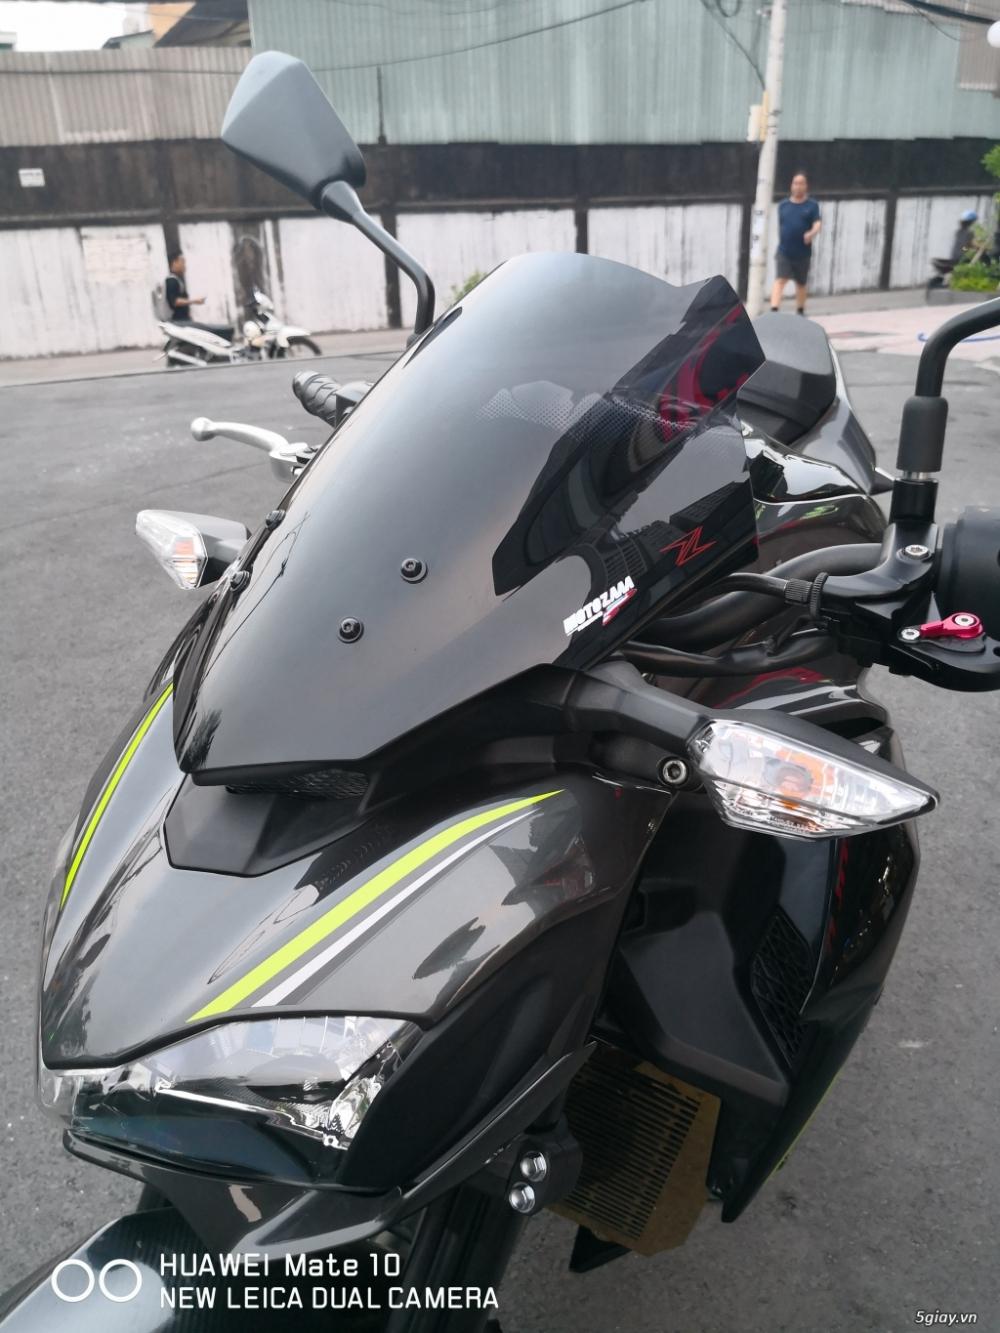 Kawasaki Z900 Bien So Dep Nhat Sai Gon - 5